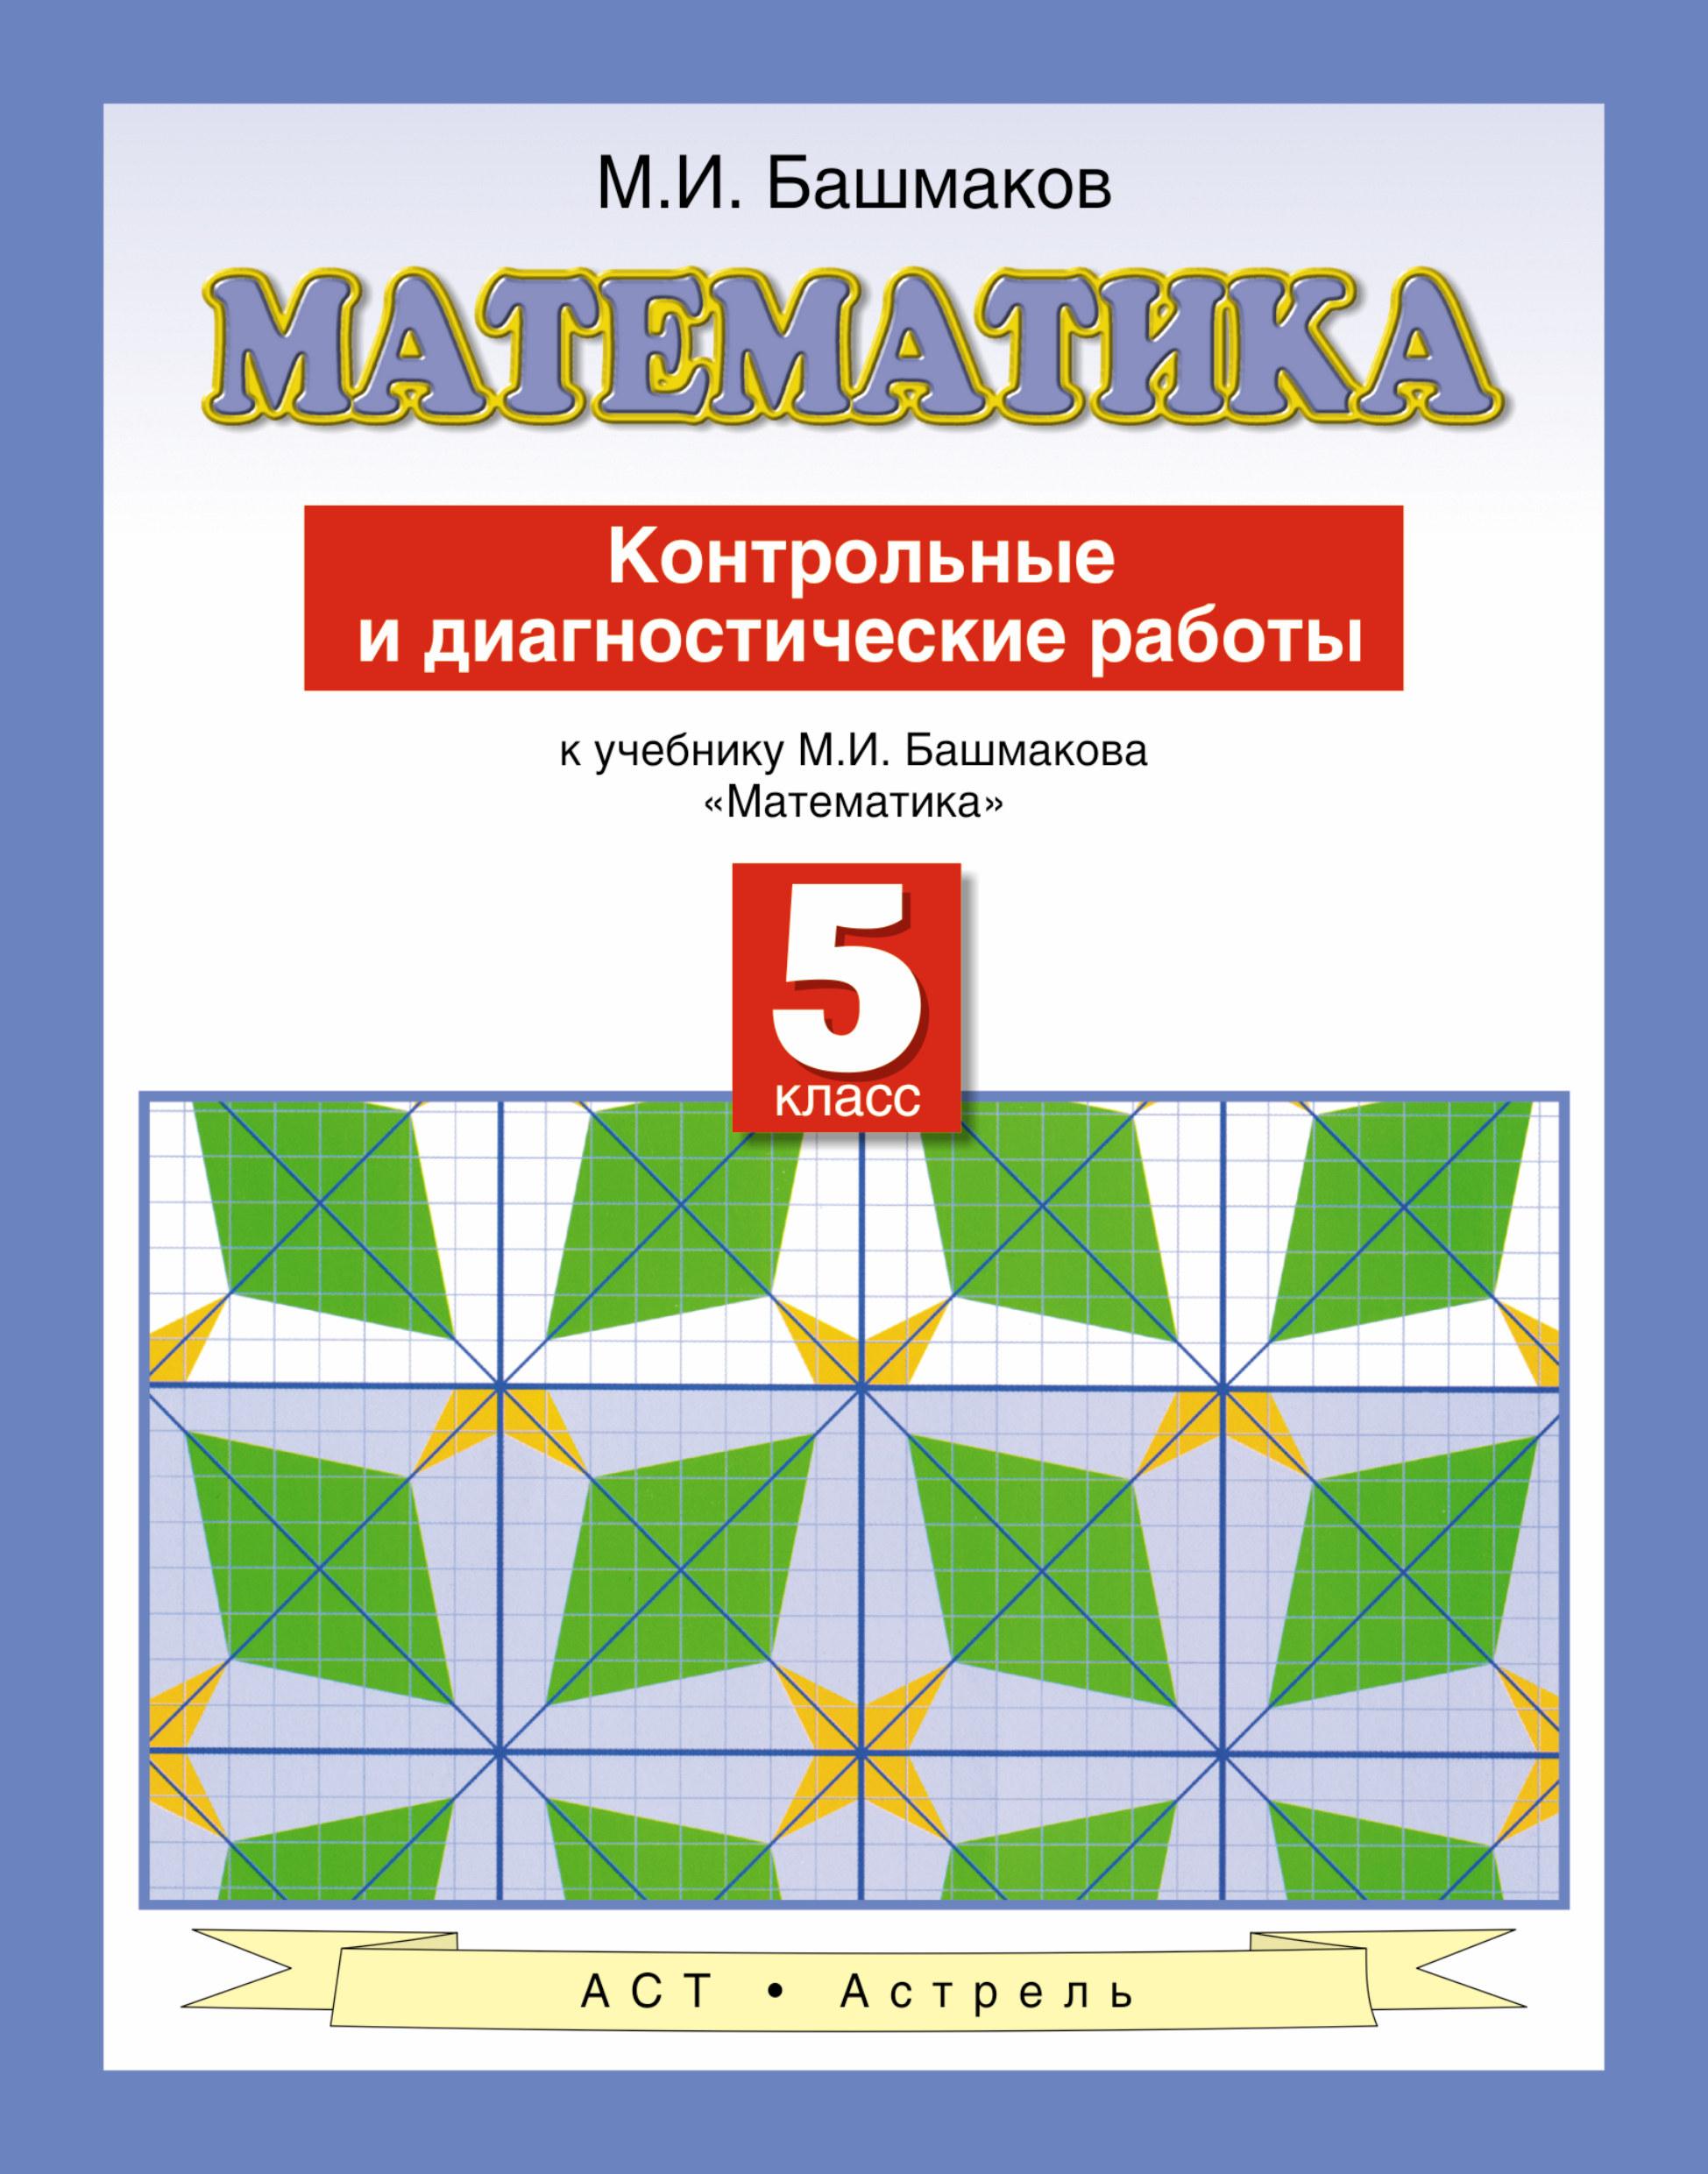 Башмаков М.И. Математика. 5 класс. Контрольные и диагностические работы в с алексеев контрольные работы по географии 10 класс